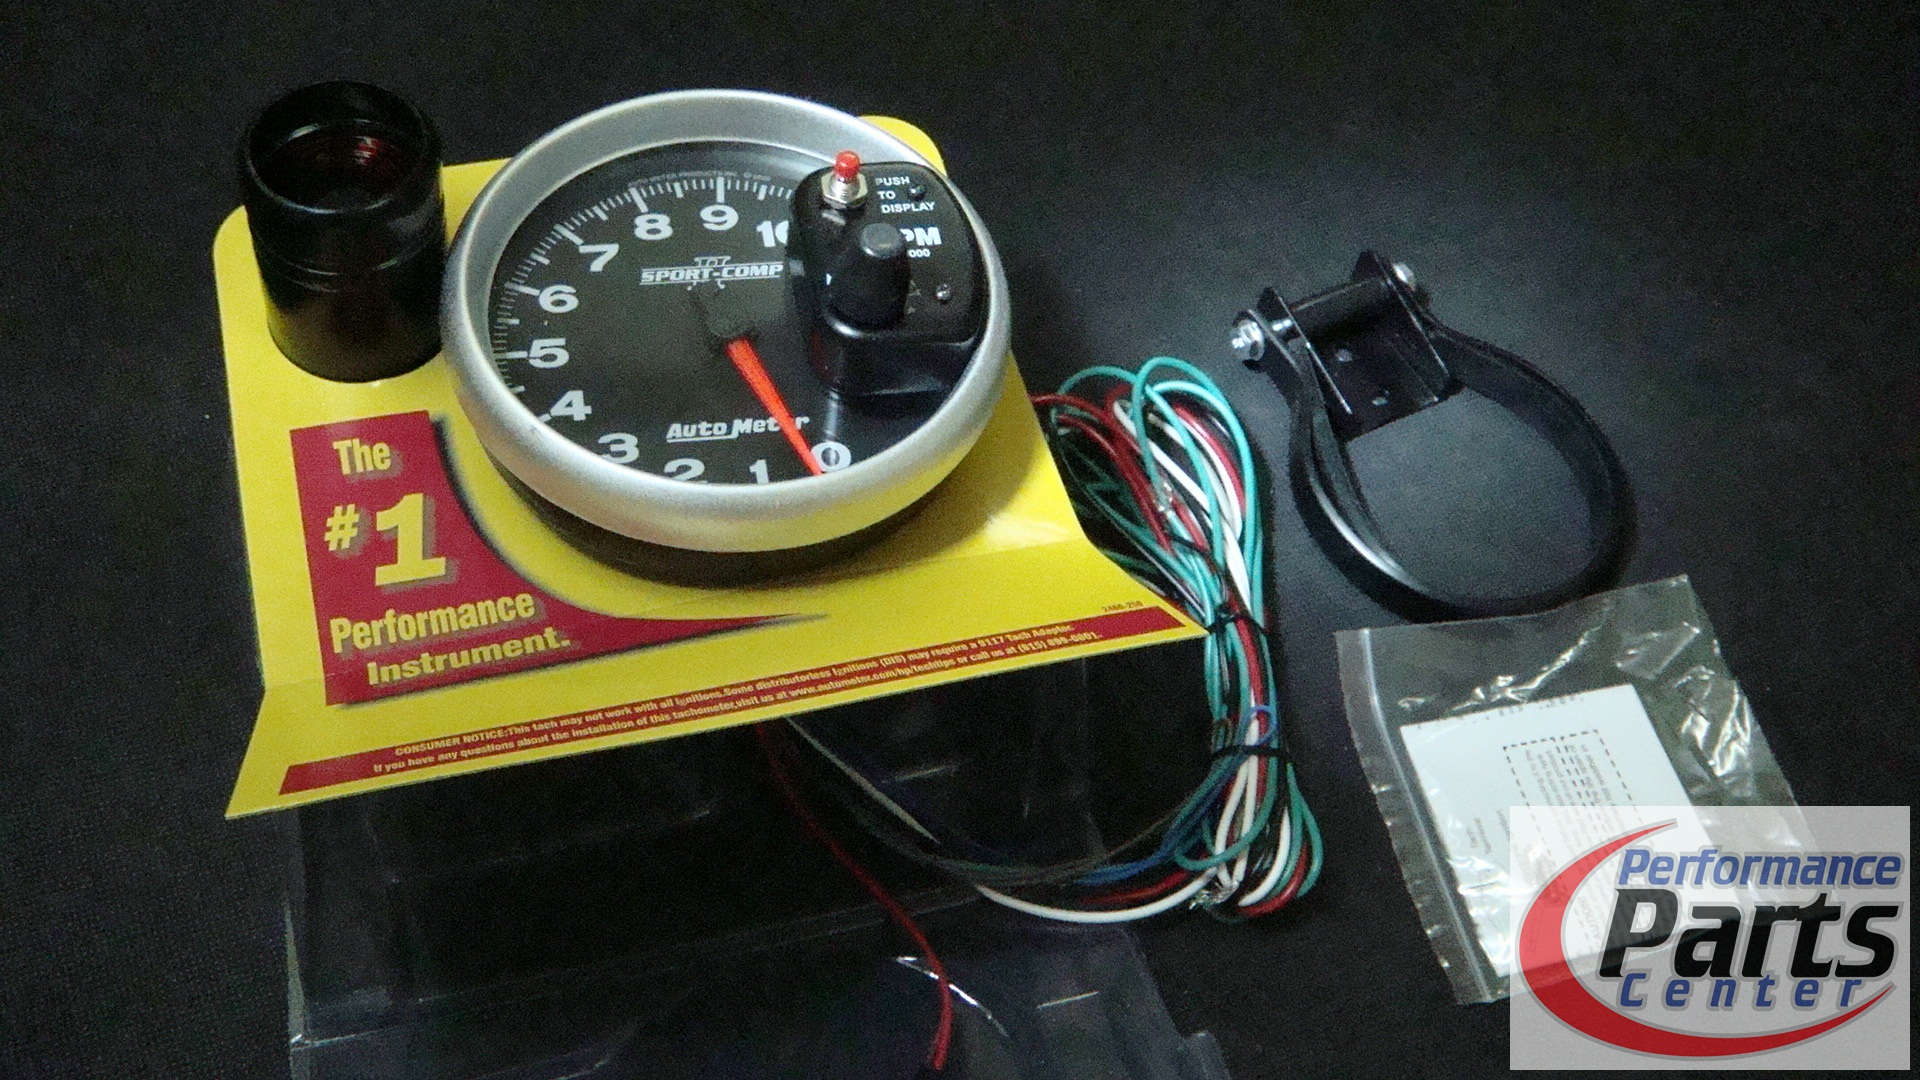 autometer meter rpm sport comp2 5 monster. Black Bedroom Furniture Sets. Home Design Ideas